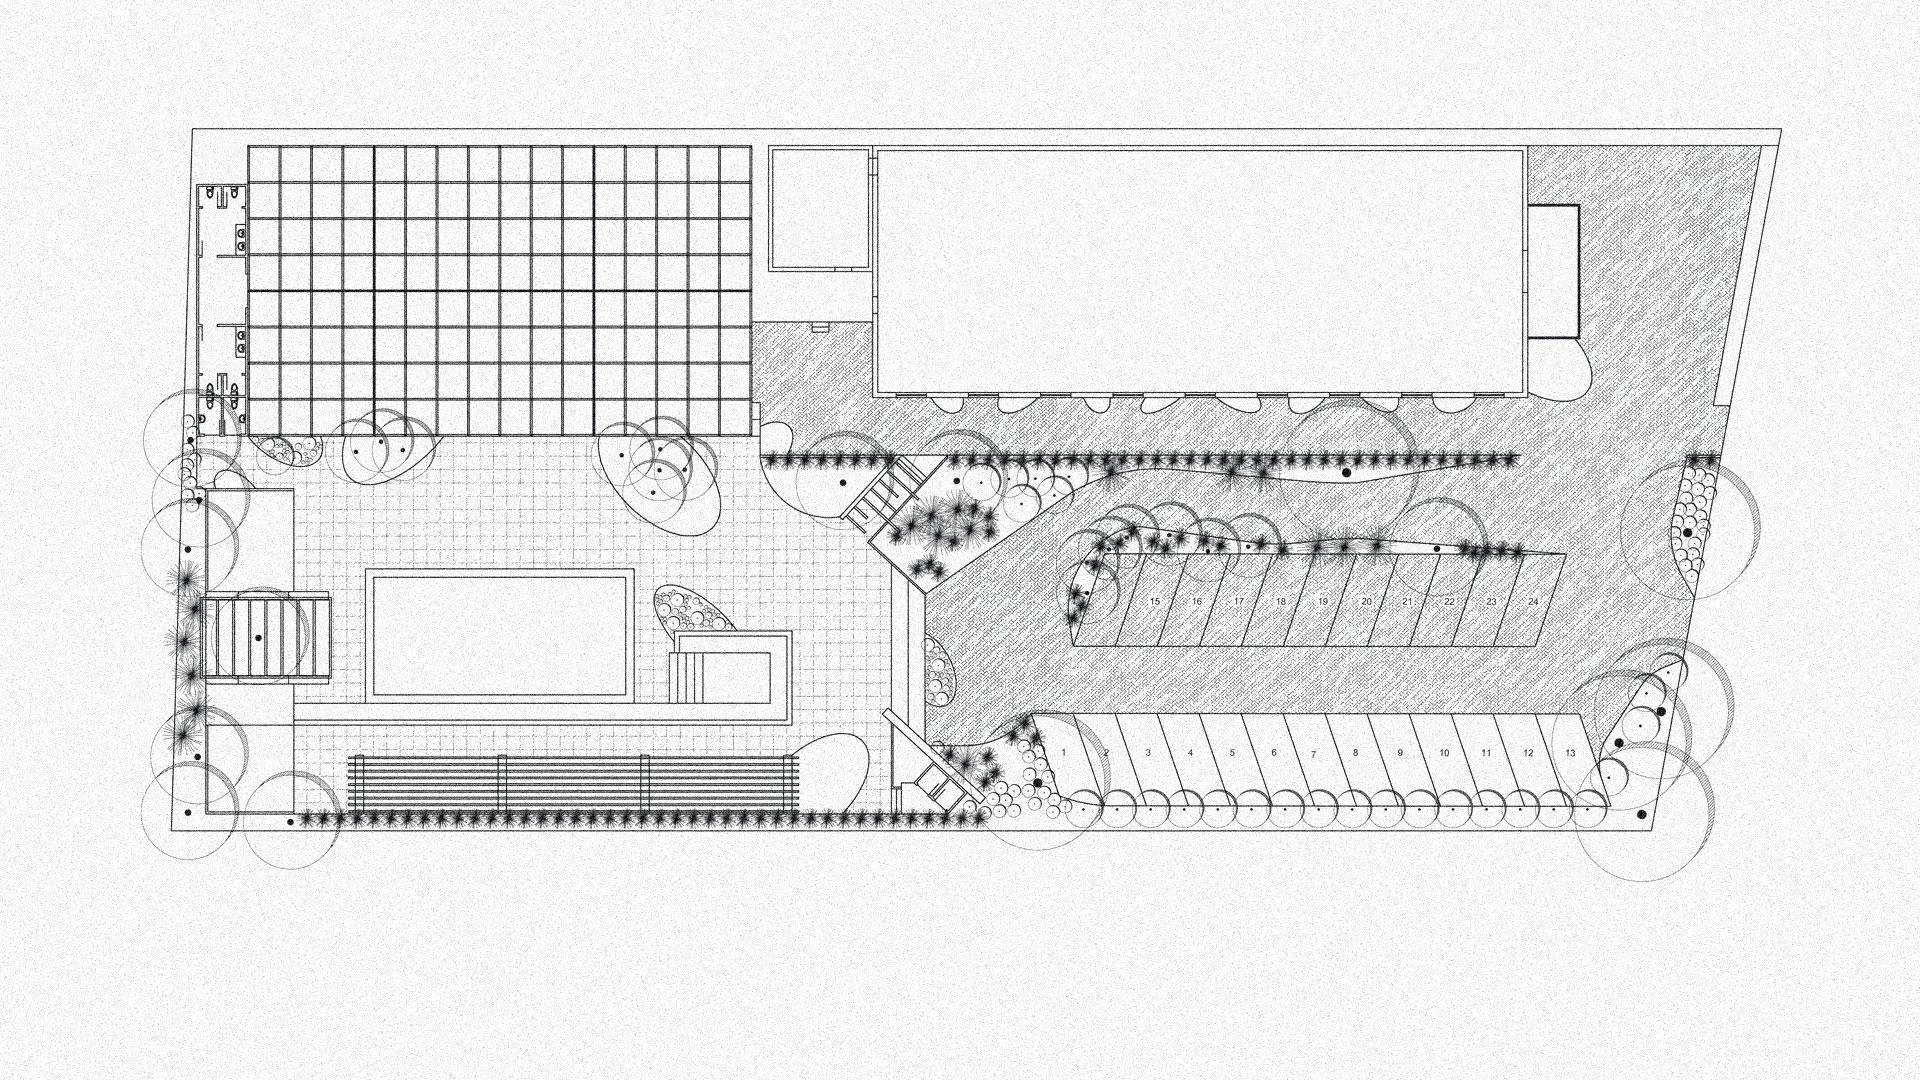 proiect de amenajare peisagistica gradina salon evenimente